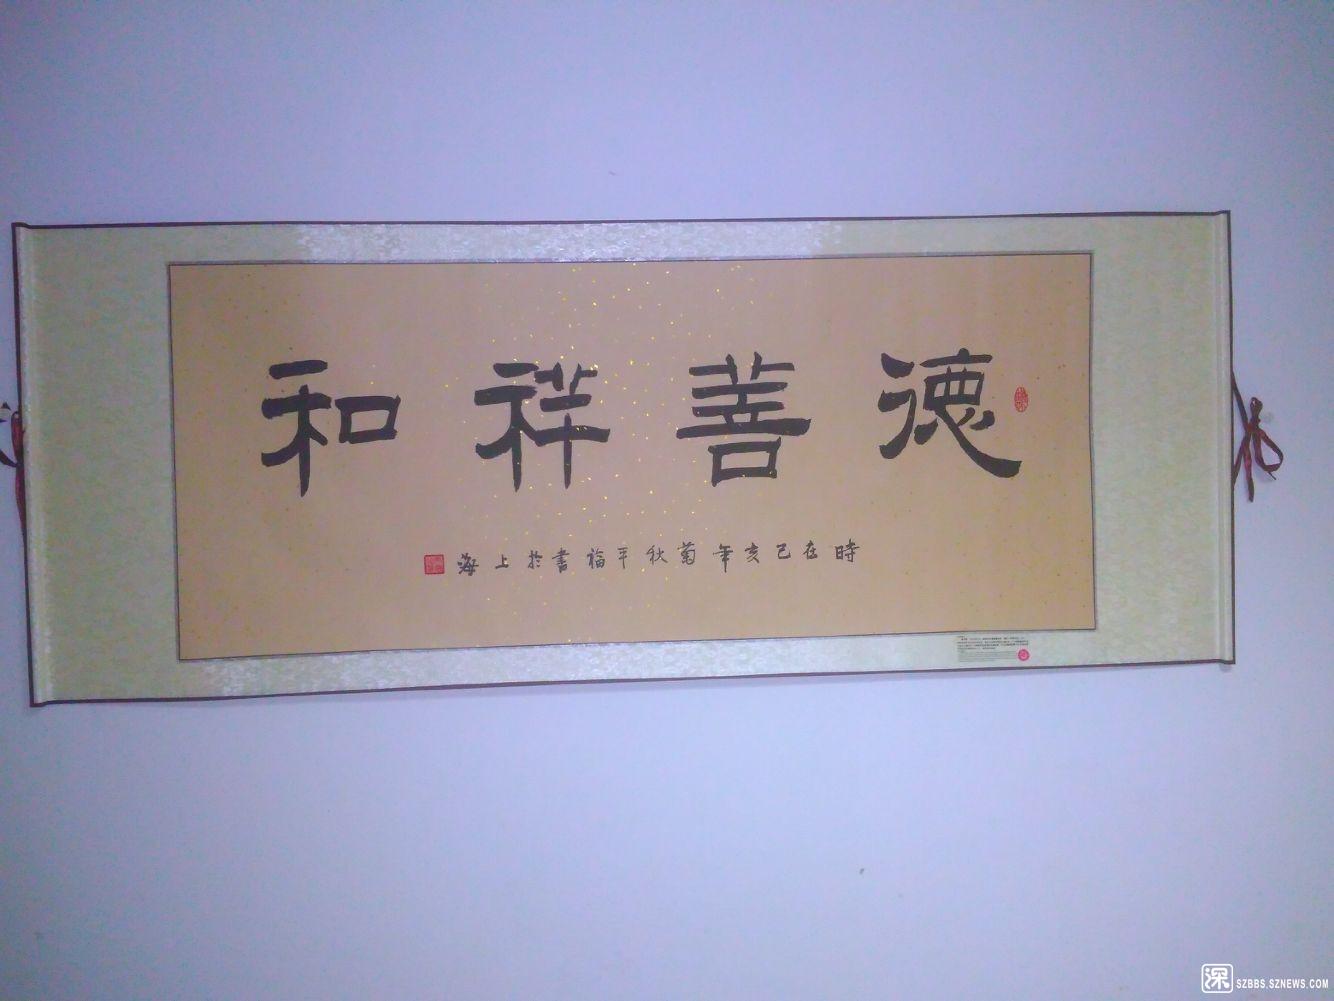 马平福 国际知名书画家 收藏级艺术品2112.jpg